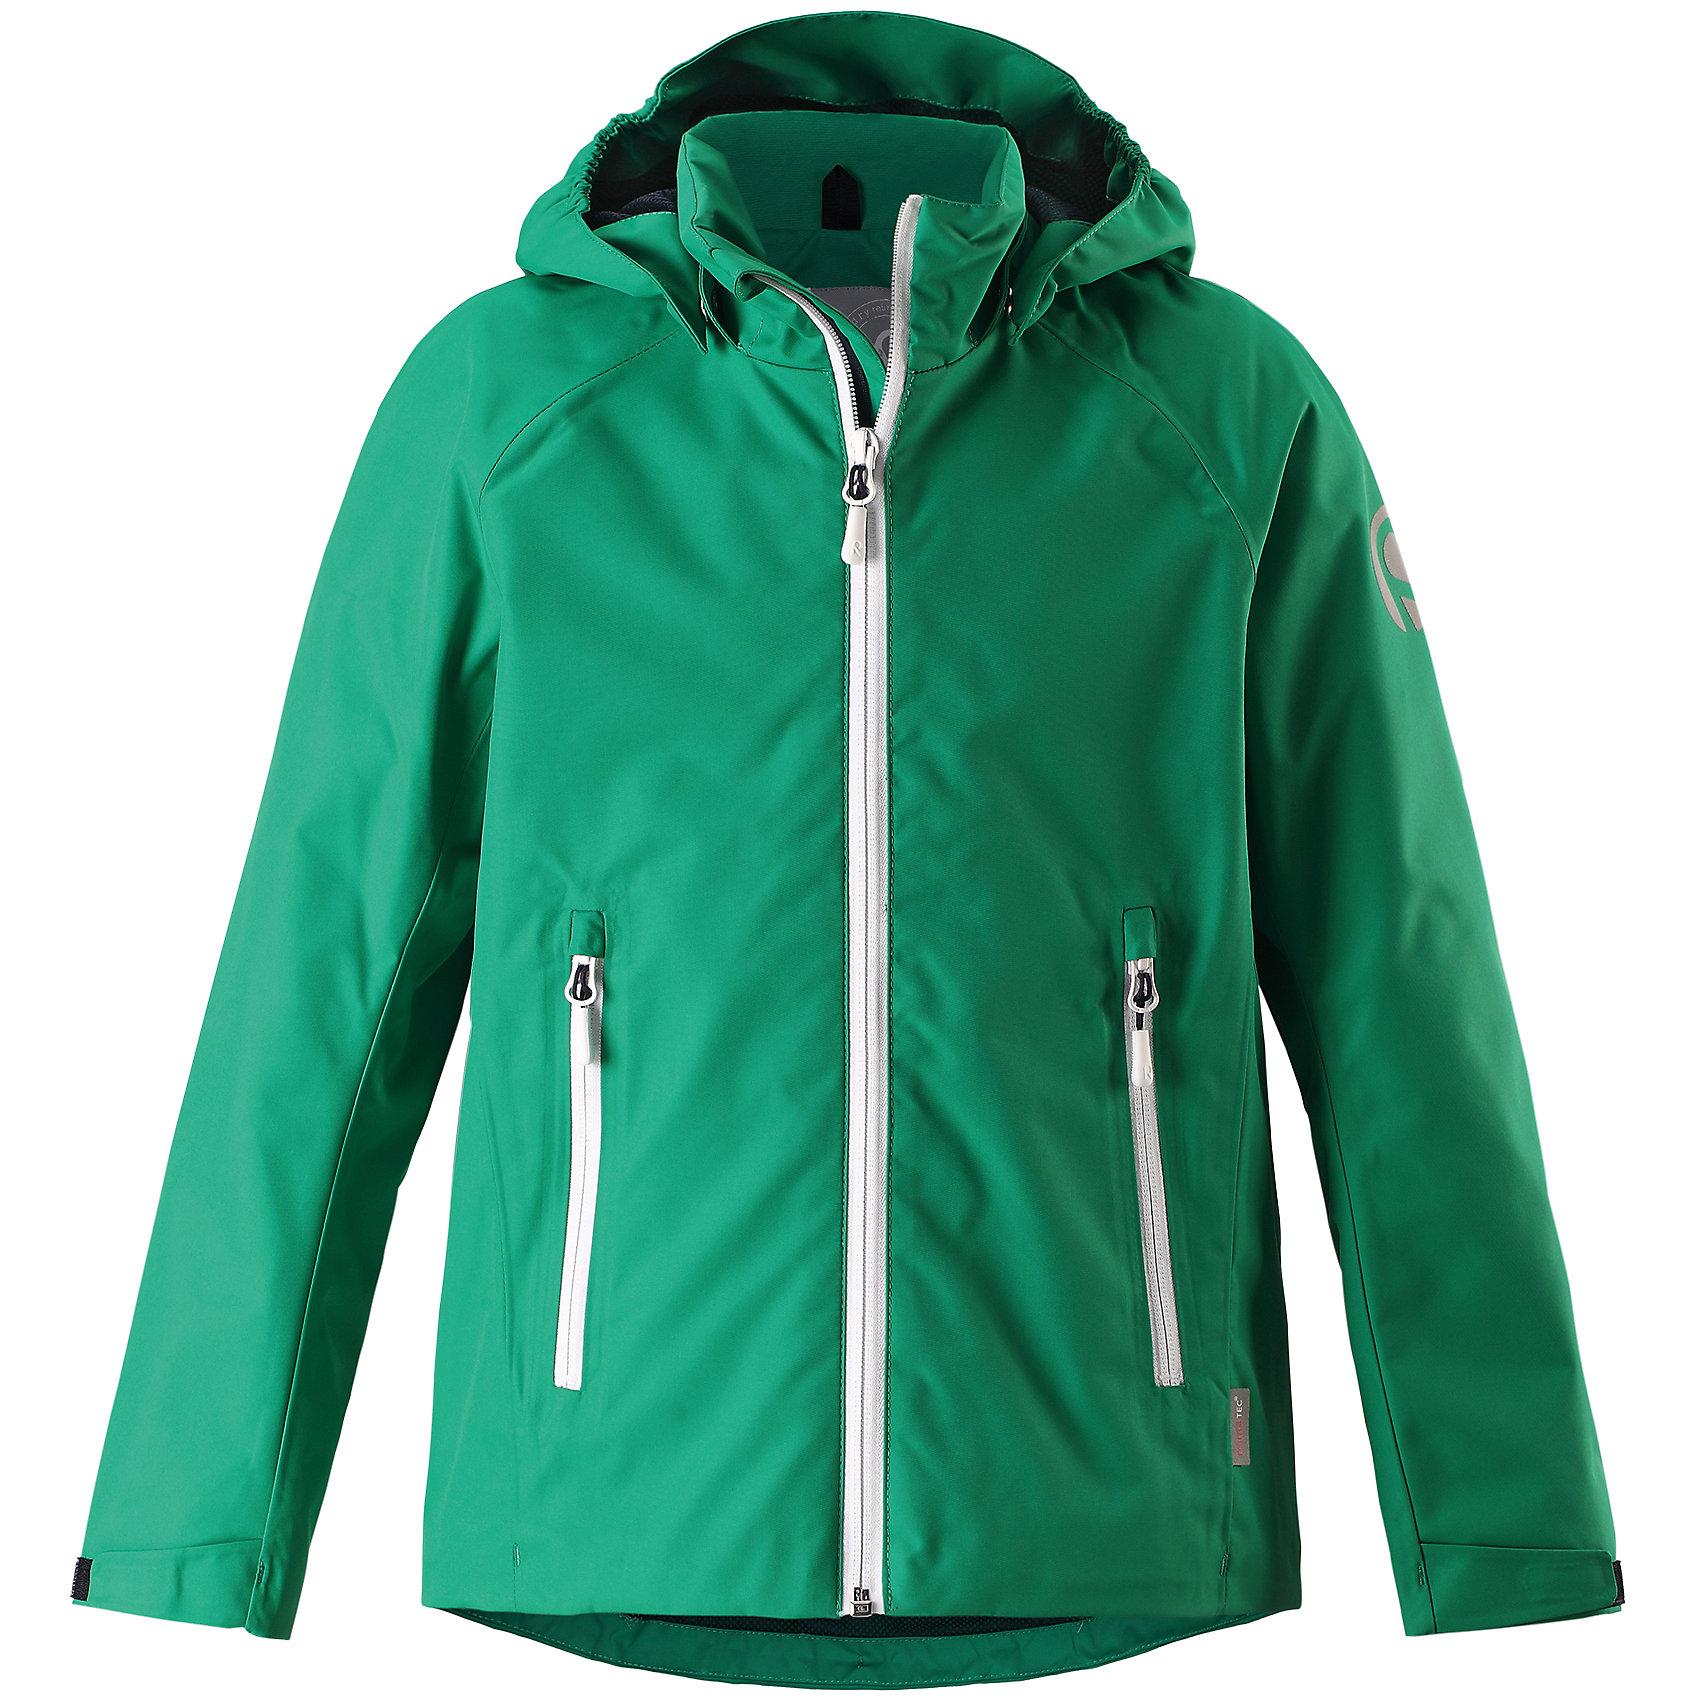 Куртка Suisto для мальчика Reimatec® ReimaОдежда<br>Характеристики товара:<br><br>• цвет: зеленый<br>• состав: 100% полиэстер, полиуретановое покрытие<br>• температурный режим: от +10°до +20°С<br>• водонепроницаемость: 15000 мм<br>• воздухопроницаемость: 5000 мм<br>• износостойкость: 40000 циклов (тест Мартиндейла)<br>• без утеплителя<br>• швы проклеены и водонепроницаемы<br>• водо- и ветронепроницаемый «дышащий» материал<br>• подкладка: mesh-сетка<br>• безопасный съёмный и регулируемый капюшон<br>• усовершенствованная молния - больше не застрянет!<br>• регулируемый подол<br>• контрастные цветные застежки-молнии<br>• карманы на молнии<br>• комфортная посадка<br>• страна производства: Китай<br>• страна бренда: Финляндия<br>• коллекция: весна-лето 2017<br><br>Верхняя одежда для детей может быть модной и комфортной одновременно! Демисезонная куртка поможет обеспечить ребенку комфорт и тепло. Она отлично смотрится с различной одеждой и обувью. Изделие удобно сидит и модно выглядит. Материал - прочный, хорошо подходящий для межсезонья. Стильный дизайн разрабатывался специально для детей.<br><br>Одежда и обувь от финского бренда Reima пользуется популярностью во многих странах. Эти изделия стильные, качественные и удобные. Для производства продукции используются только безопасные, проверенные материалы и фурнитура. Порадуйте ребенка модными и красивыми вещами от Reima! <br><br>Куртку для мальчика Reimatec® от финского бренда Reima (Рейма) можно купить в нашем интернет-магазине.<br><br>Ширина мм: 356<br>Глубина мм: 10<br>Высота мм: 245<br>Вес г: 519<br>Цвет: зеленый<br>Возраст от месяцев: 60<br>Возраст до месяцев: 72<br>Пол: Мужской<br>Возраст: Детский<br>Размер: 116,152,146,134,122,158,140,110,128,164,104<br>SKU: 5267652